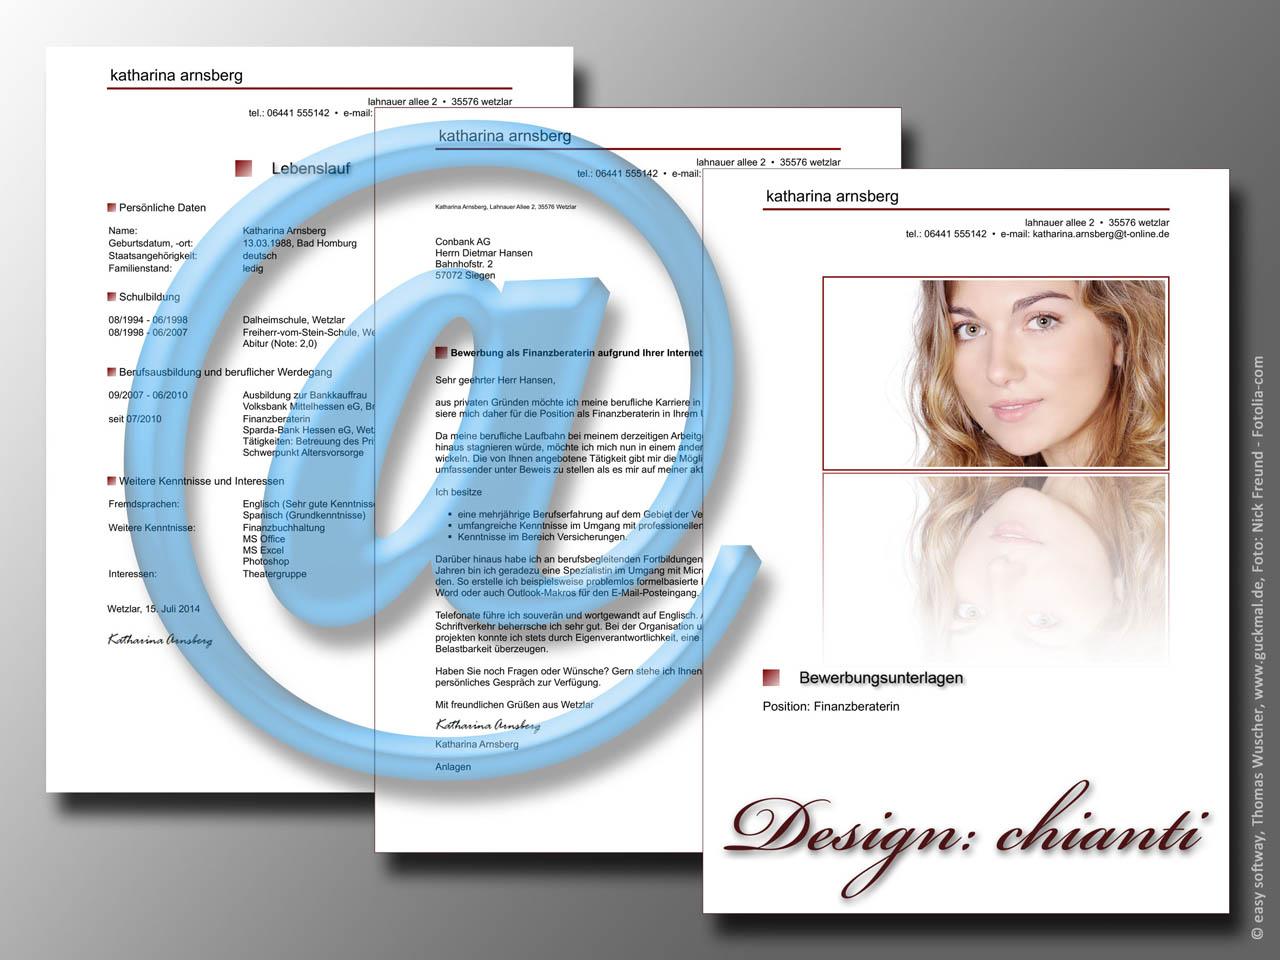 online bewerbung - Autovision Online Bewerbung